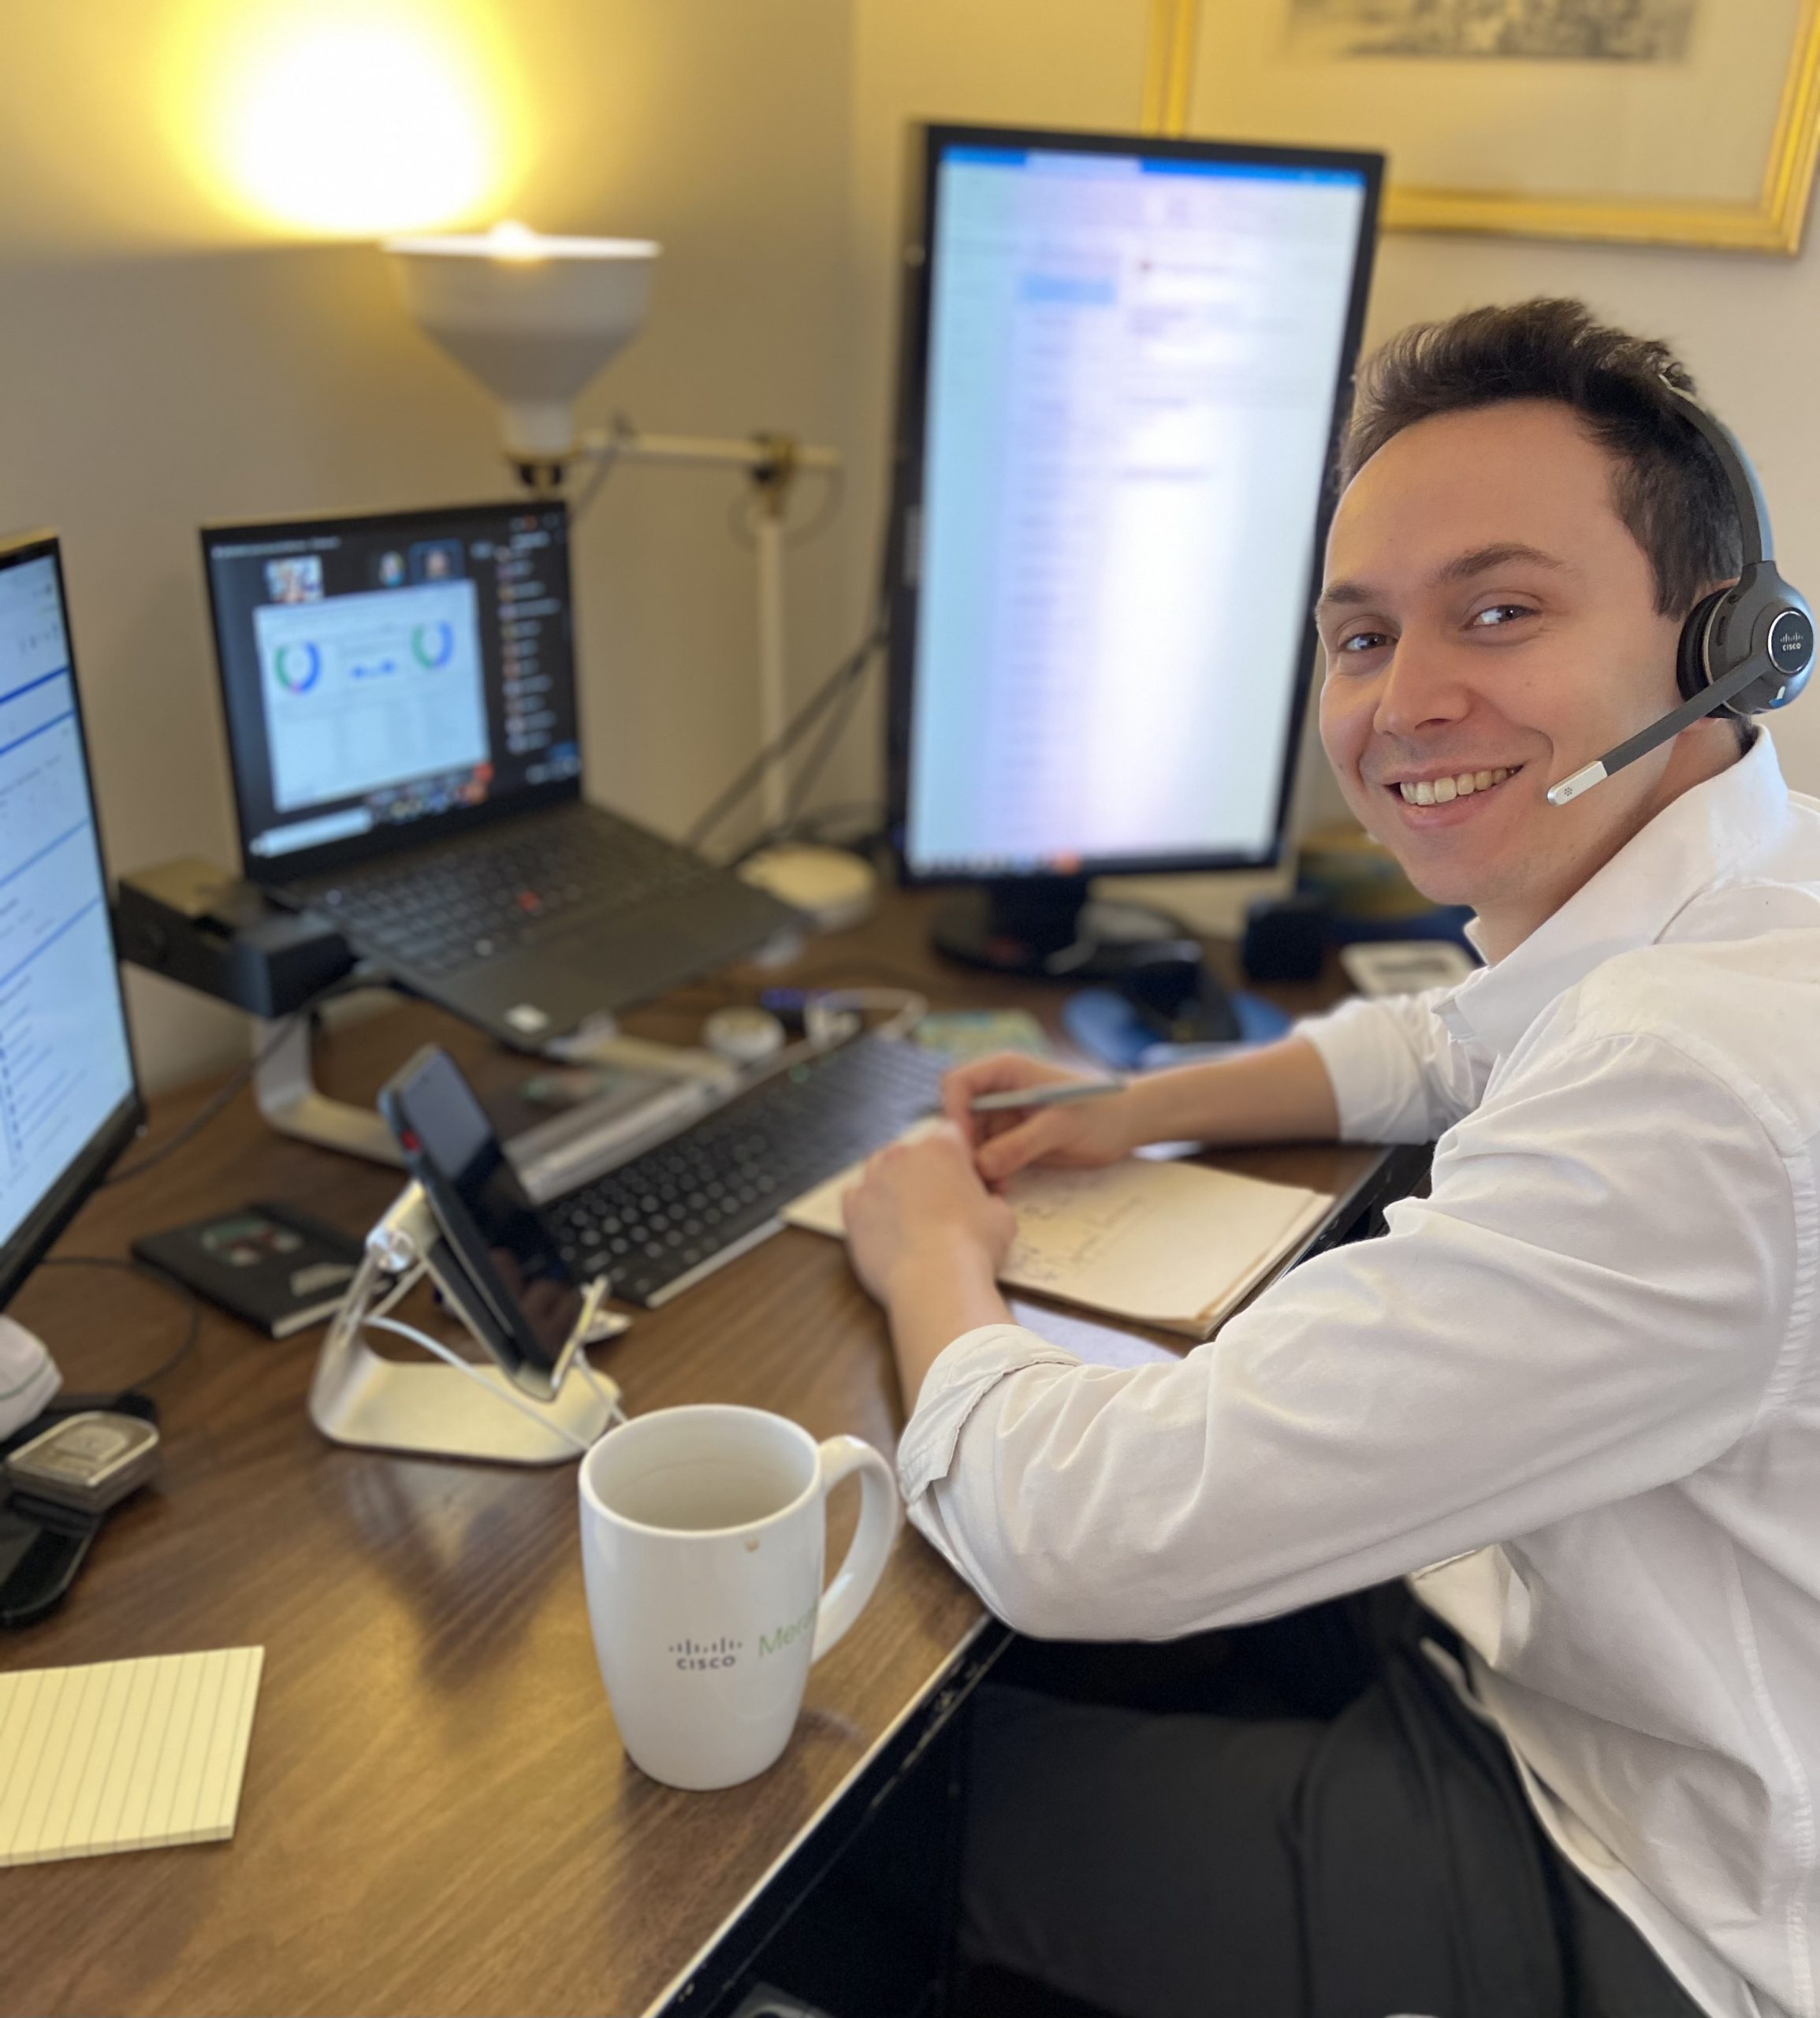 Sten working at desk